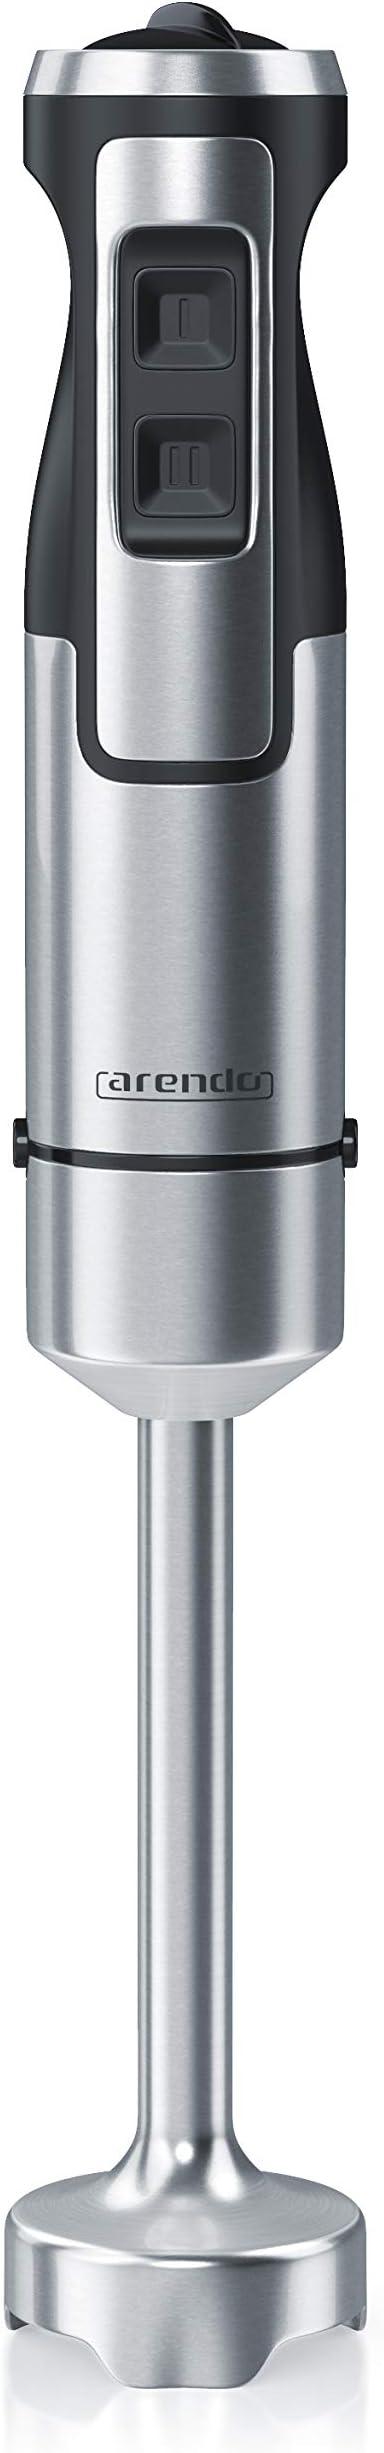 arendo - Batidora de Mano de 1000 vatios de Acero Inoxidable ...